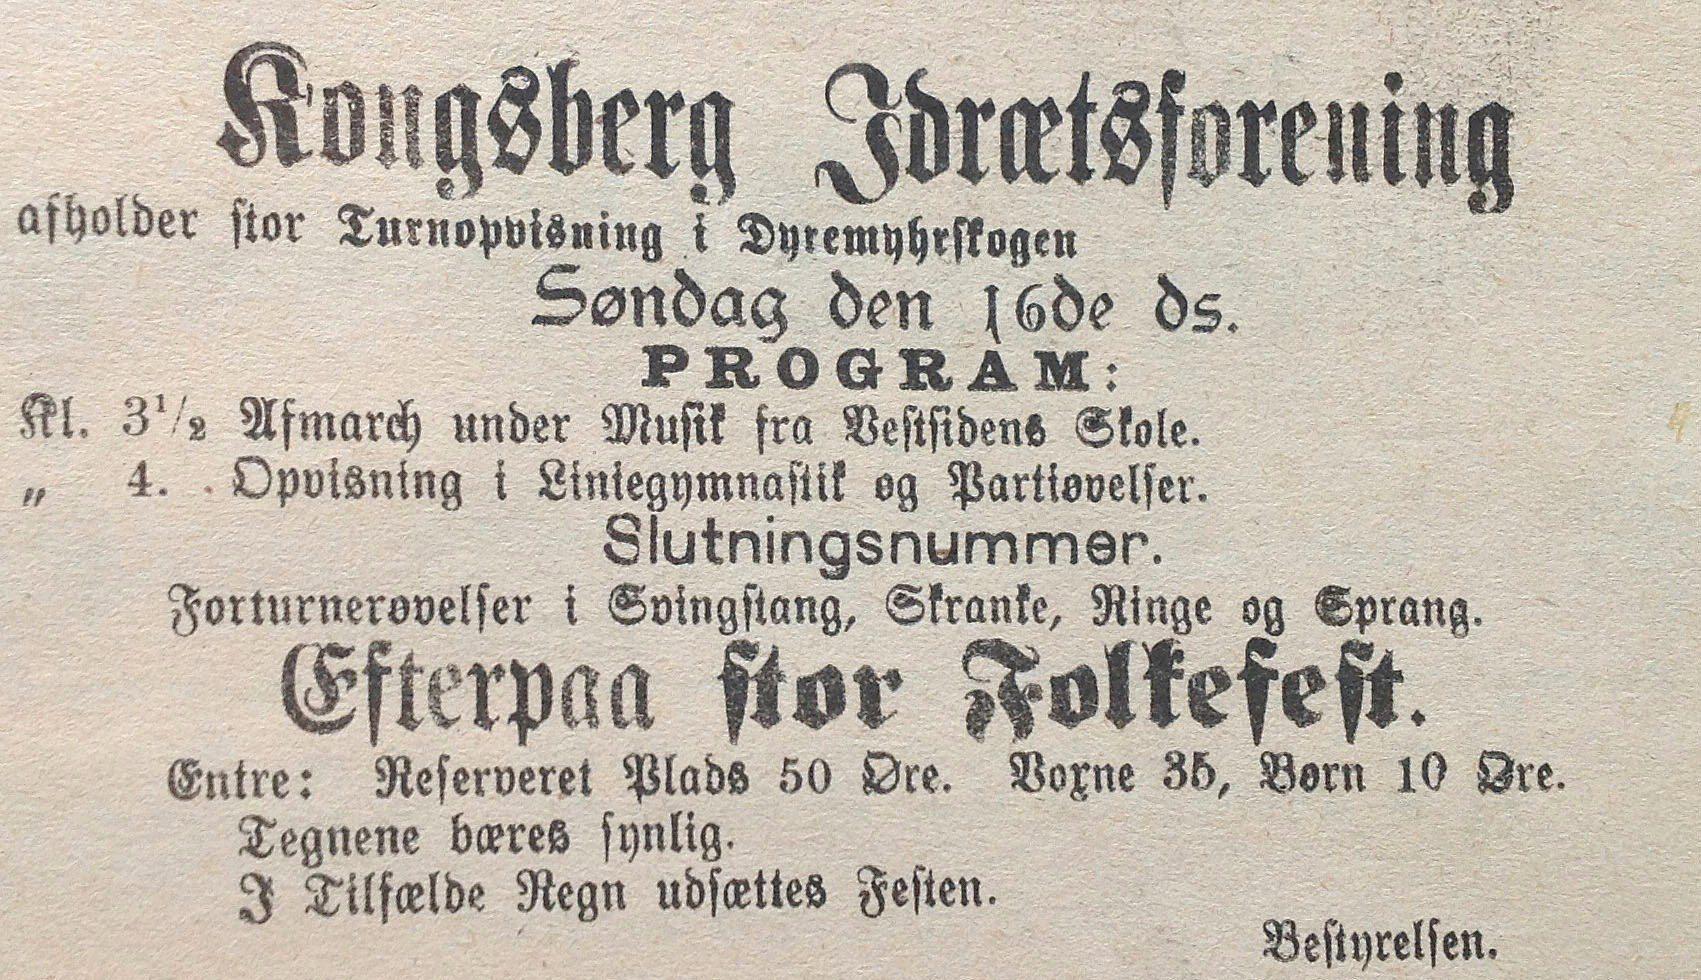 kongsberg-blad-7-6-1907